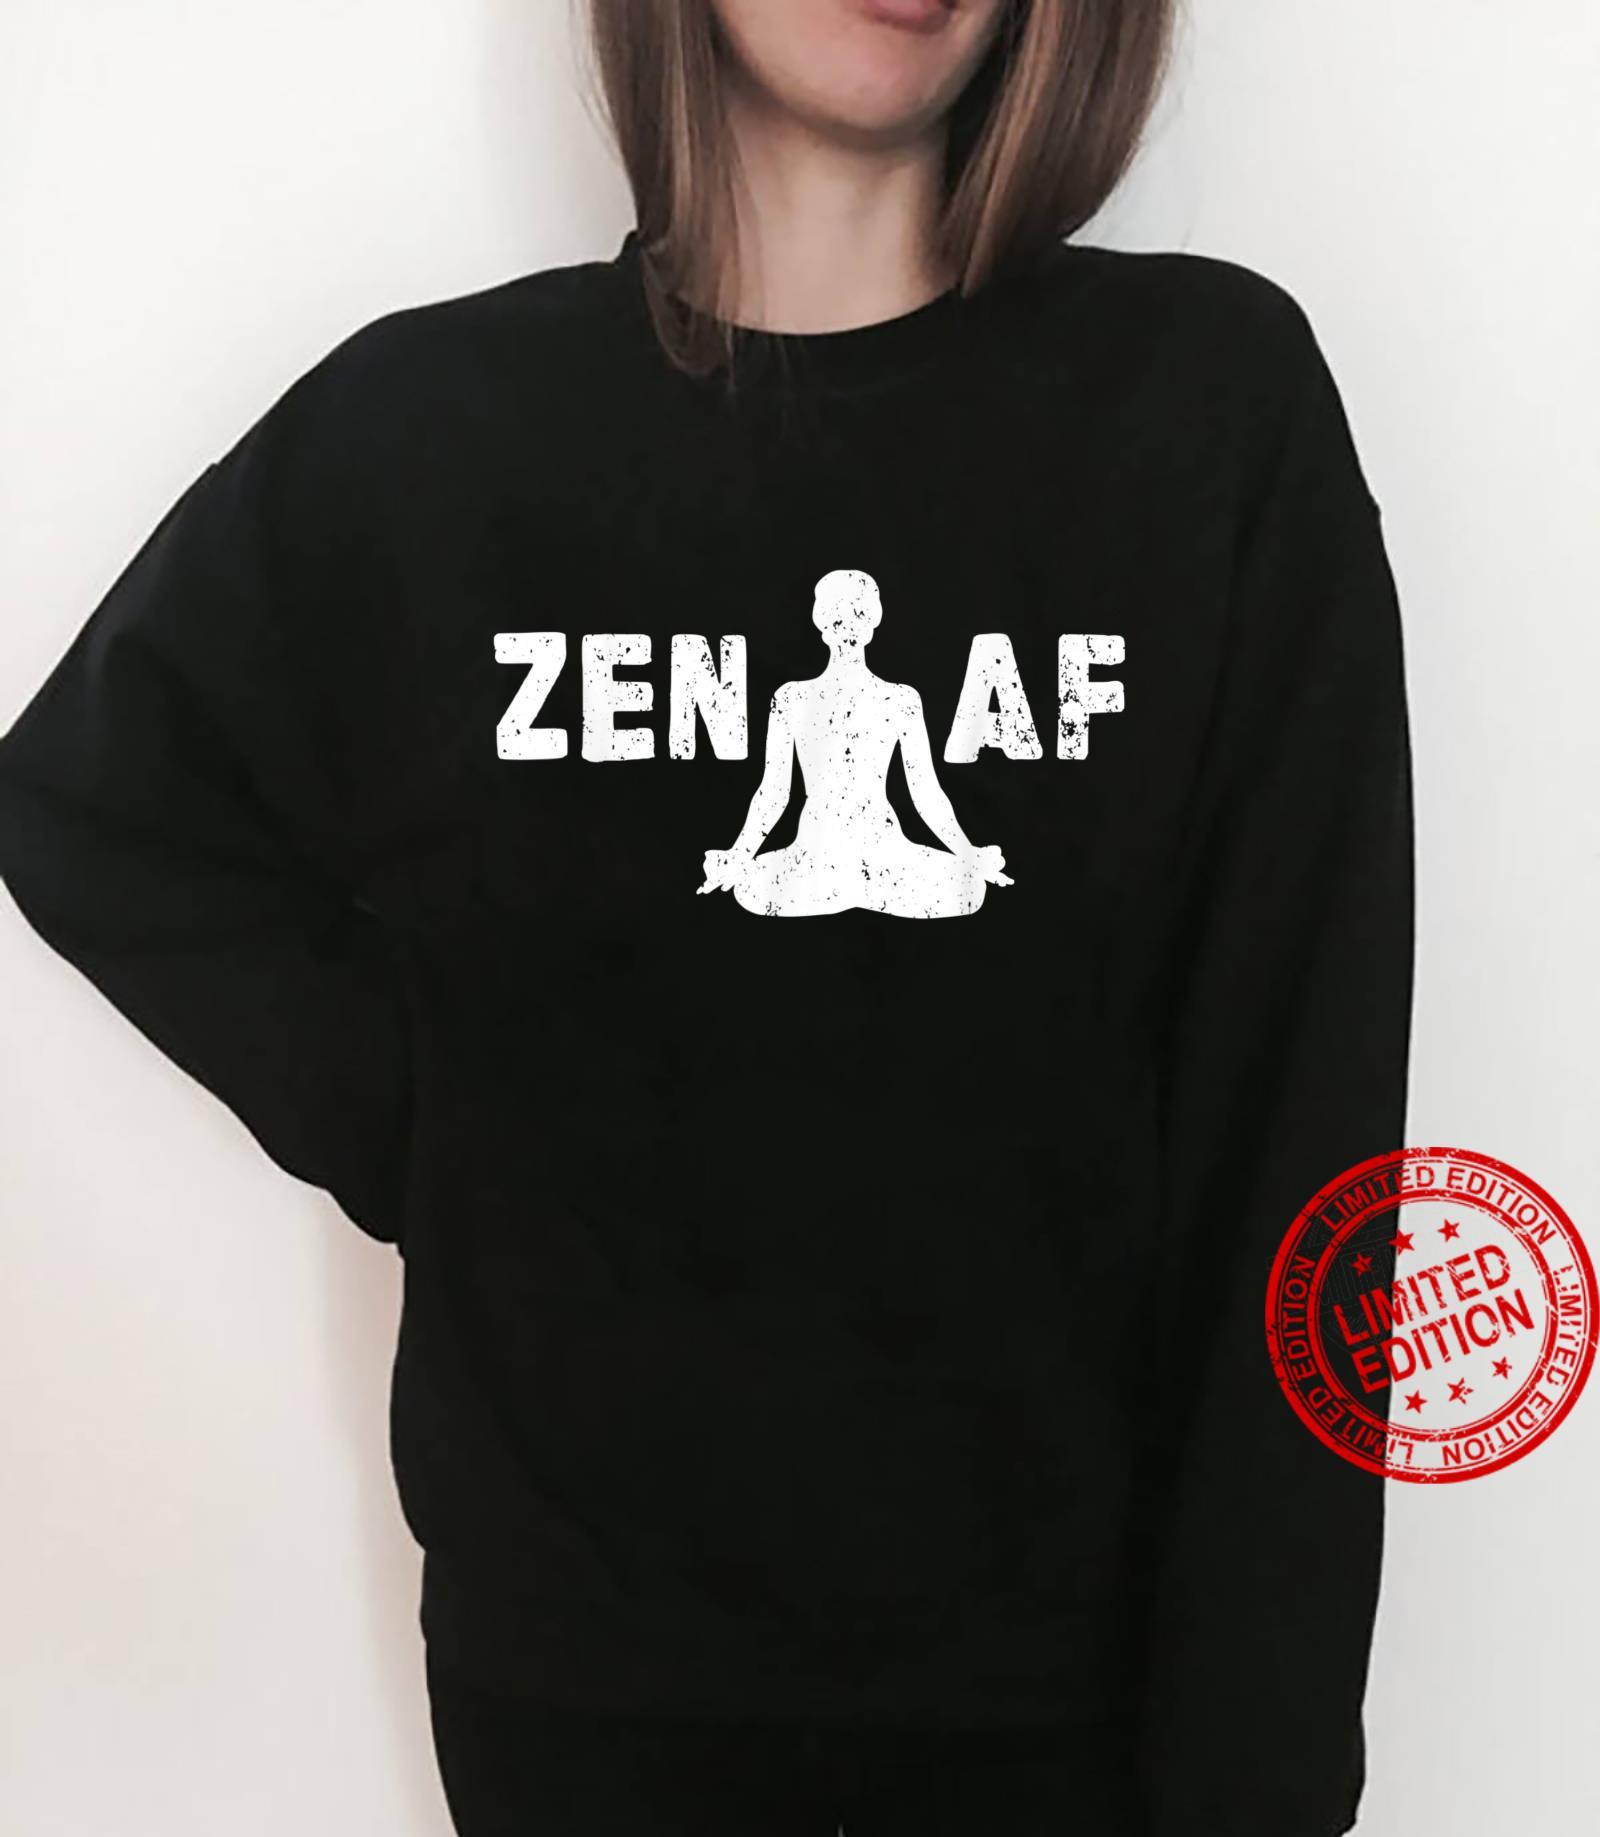 Zen Yoga Meditation Namaste Shirt sweater